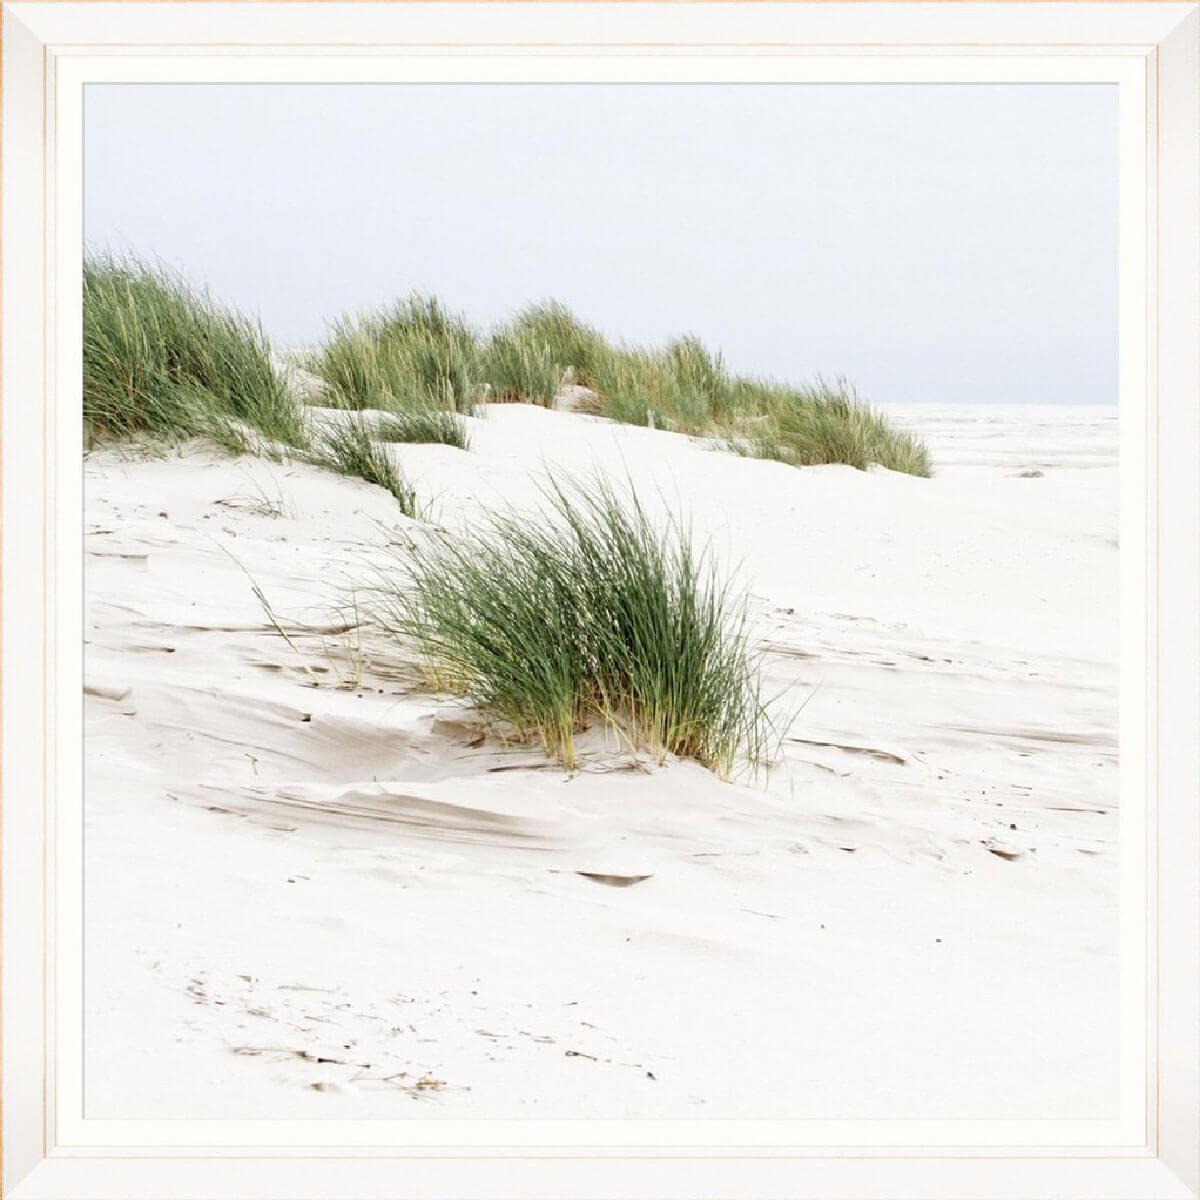 By-the-Beach-1-Framed-Art